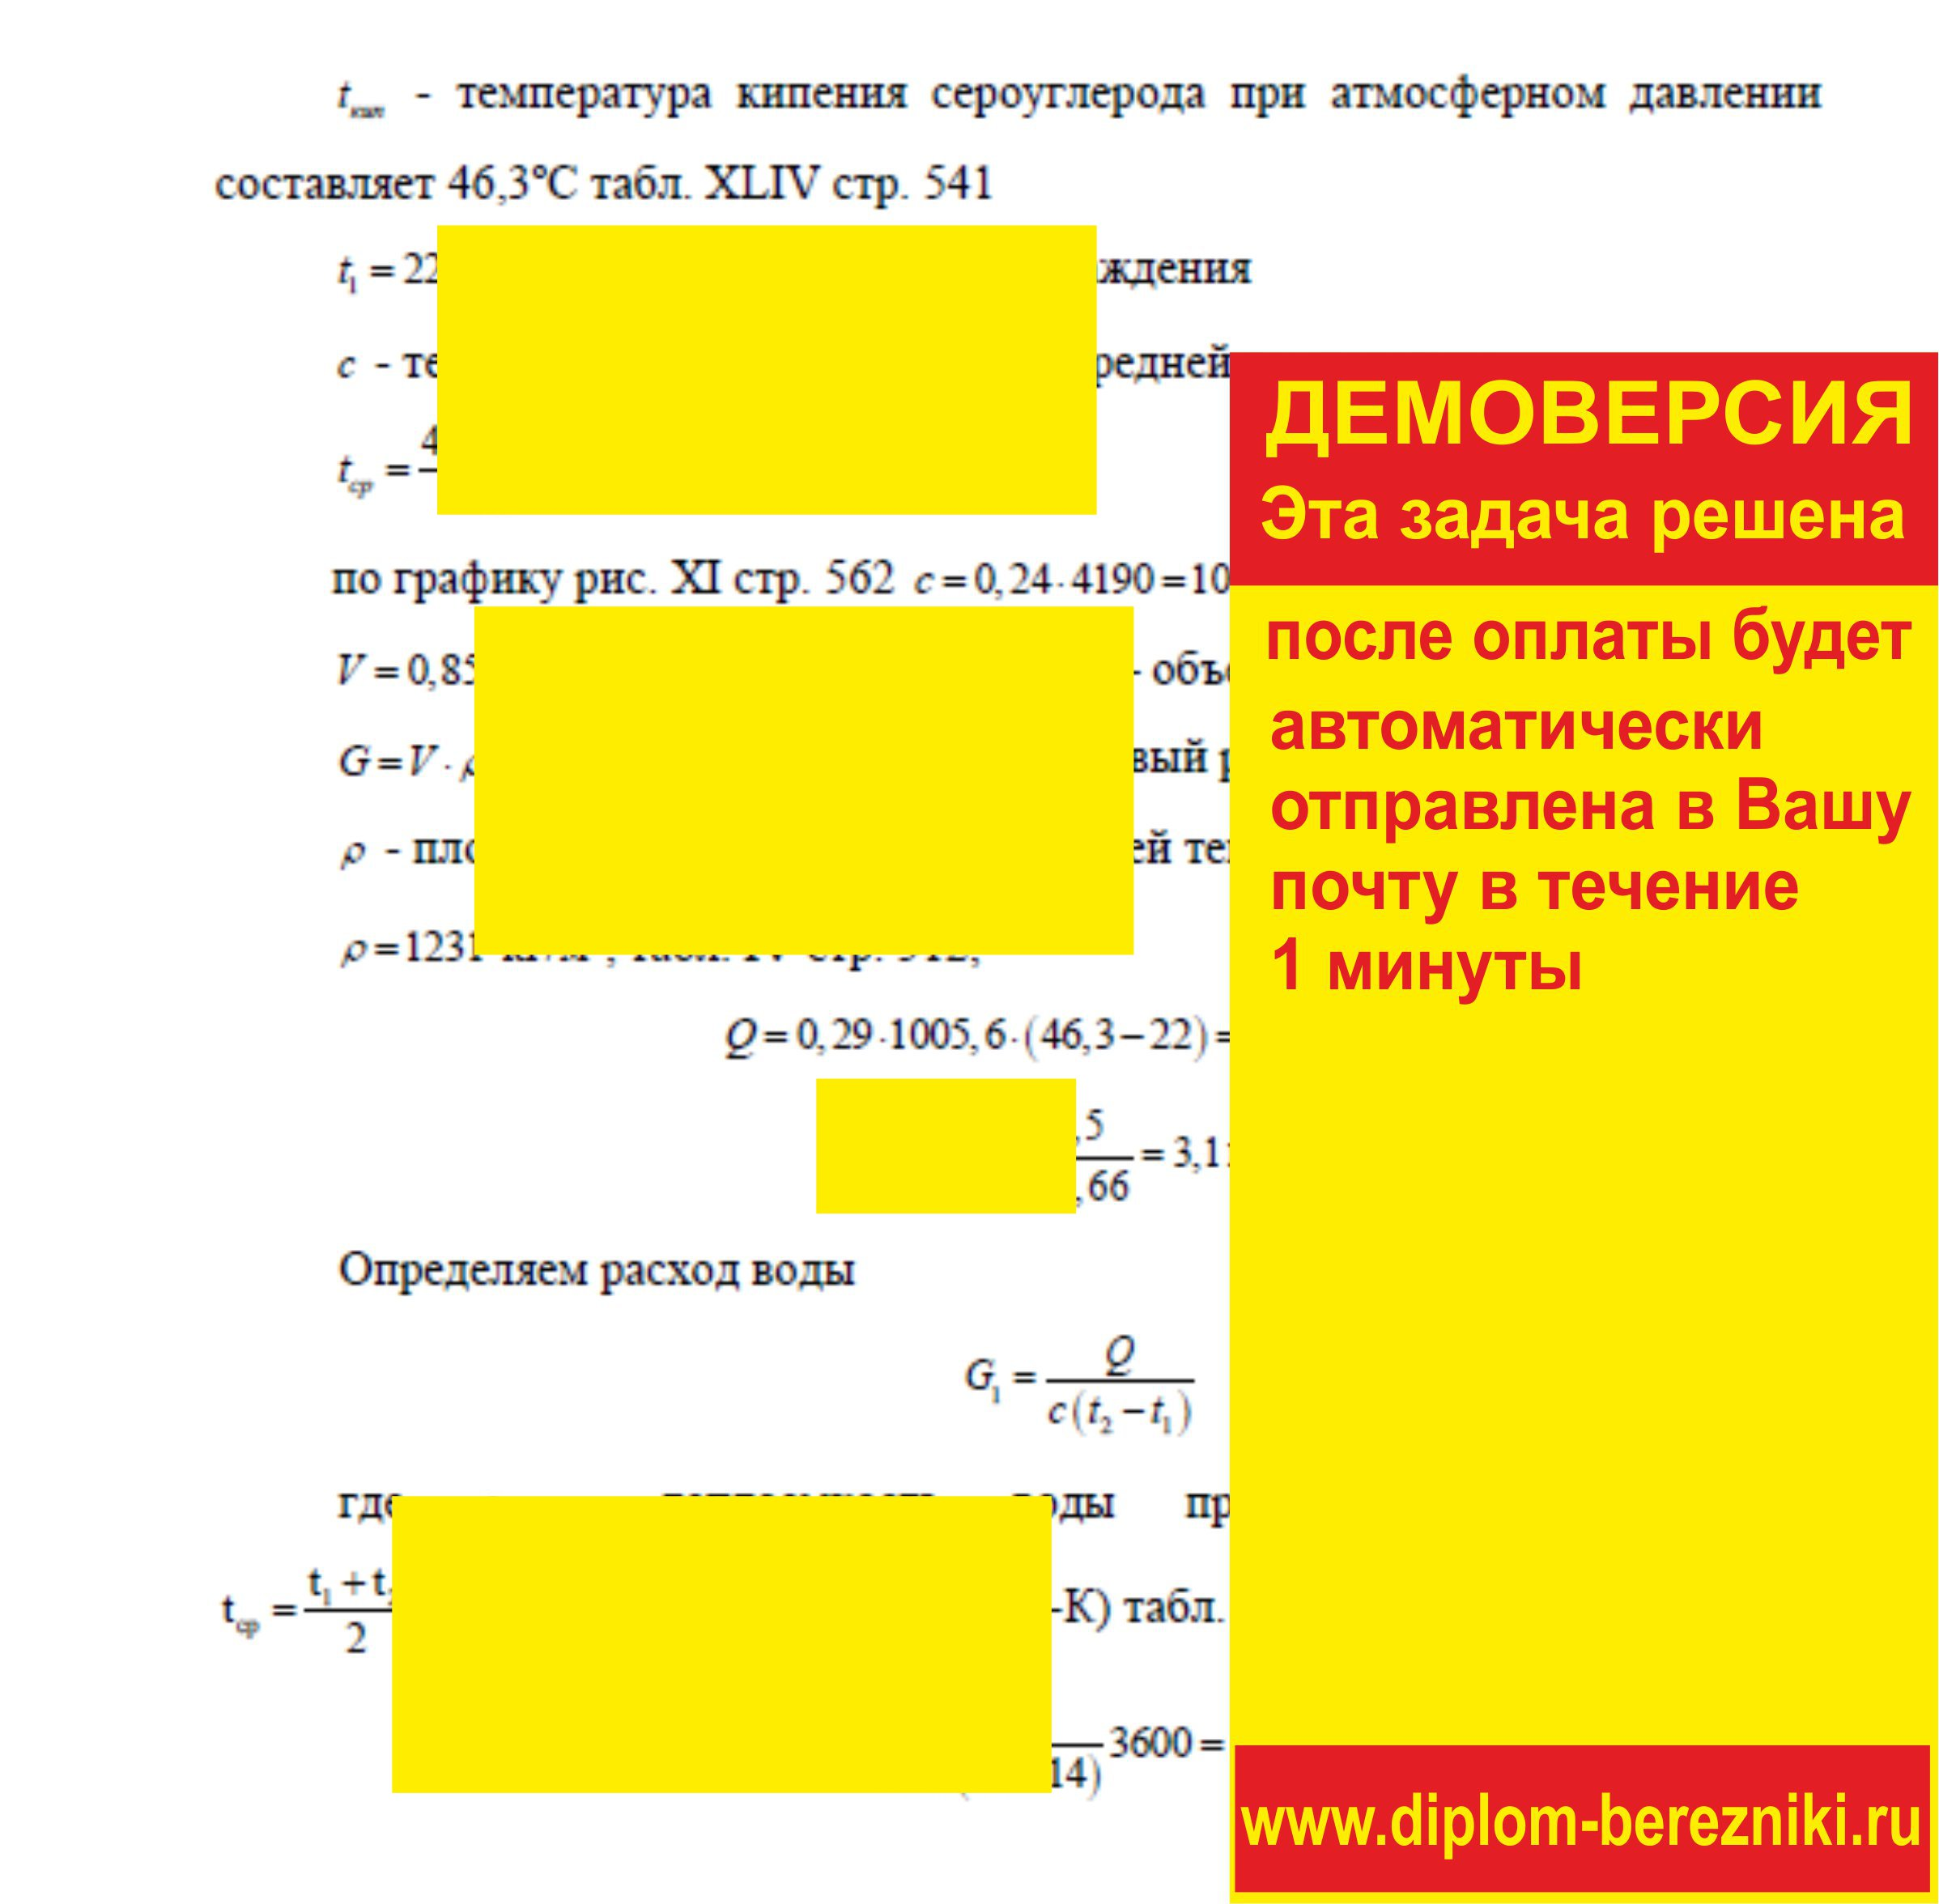 Решение задачи 4.21 по ПАХТ из задачника Павлова Романкова Носкова